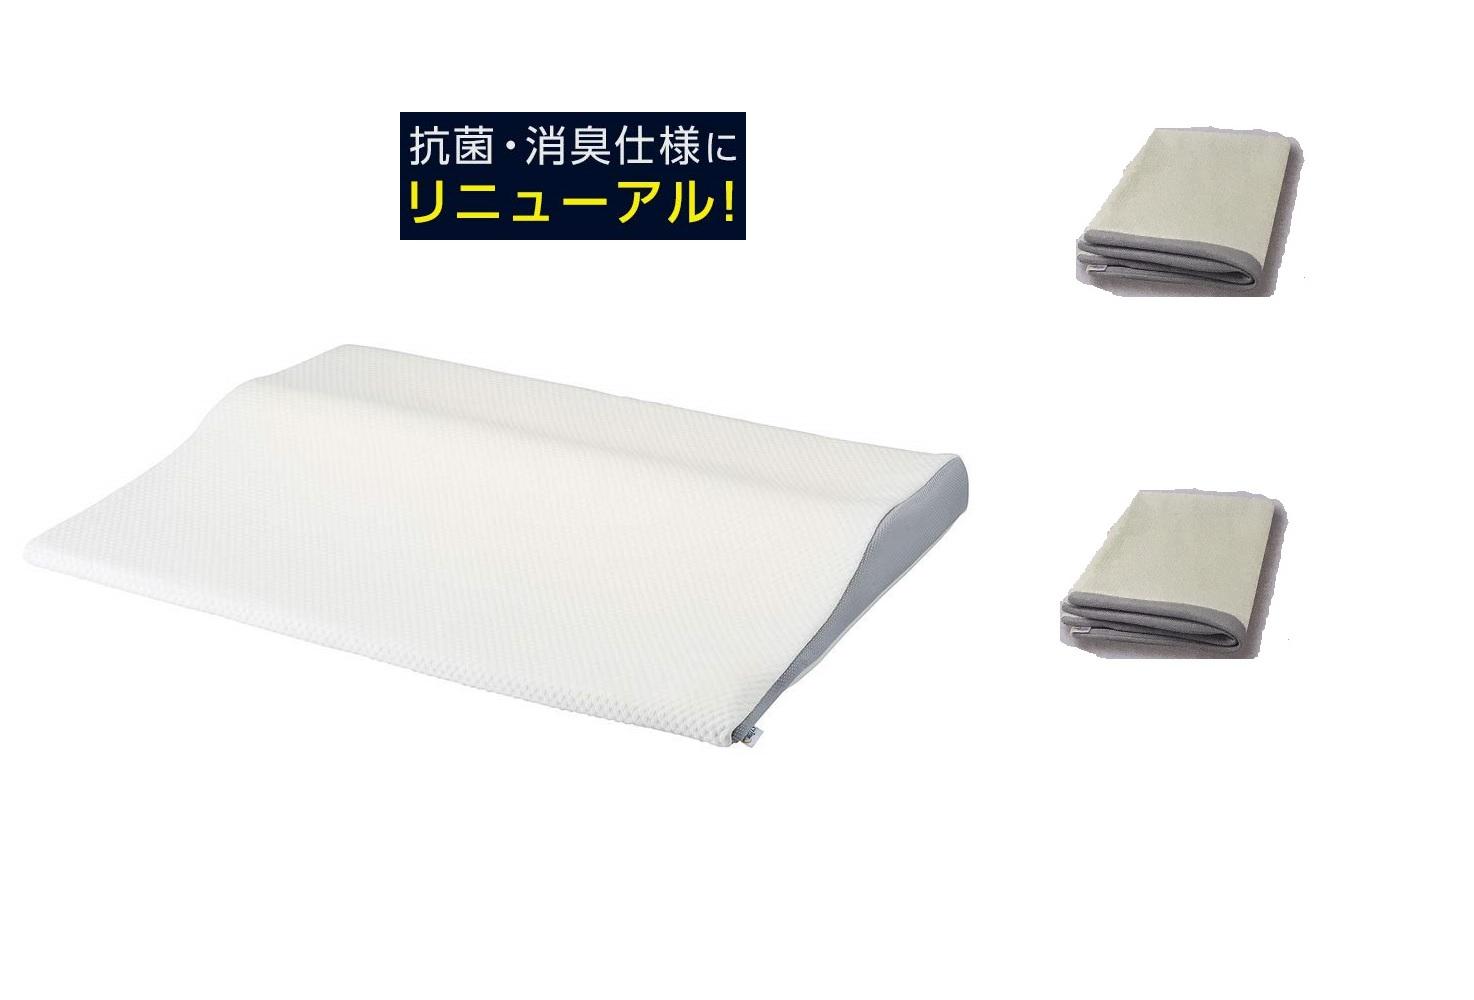 トゥルースリーパー セブンスピロー シングルサイズ アウターカバー(専用ピローカバー)2枚 低反発枕